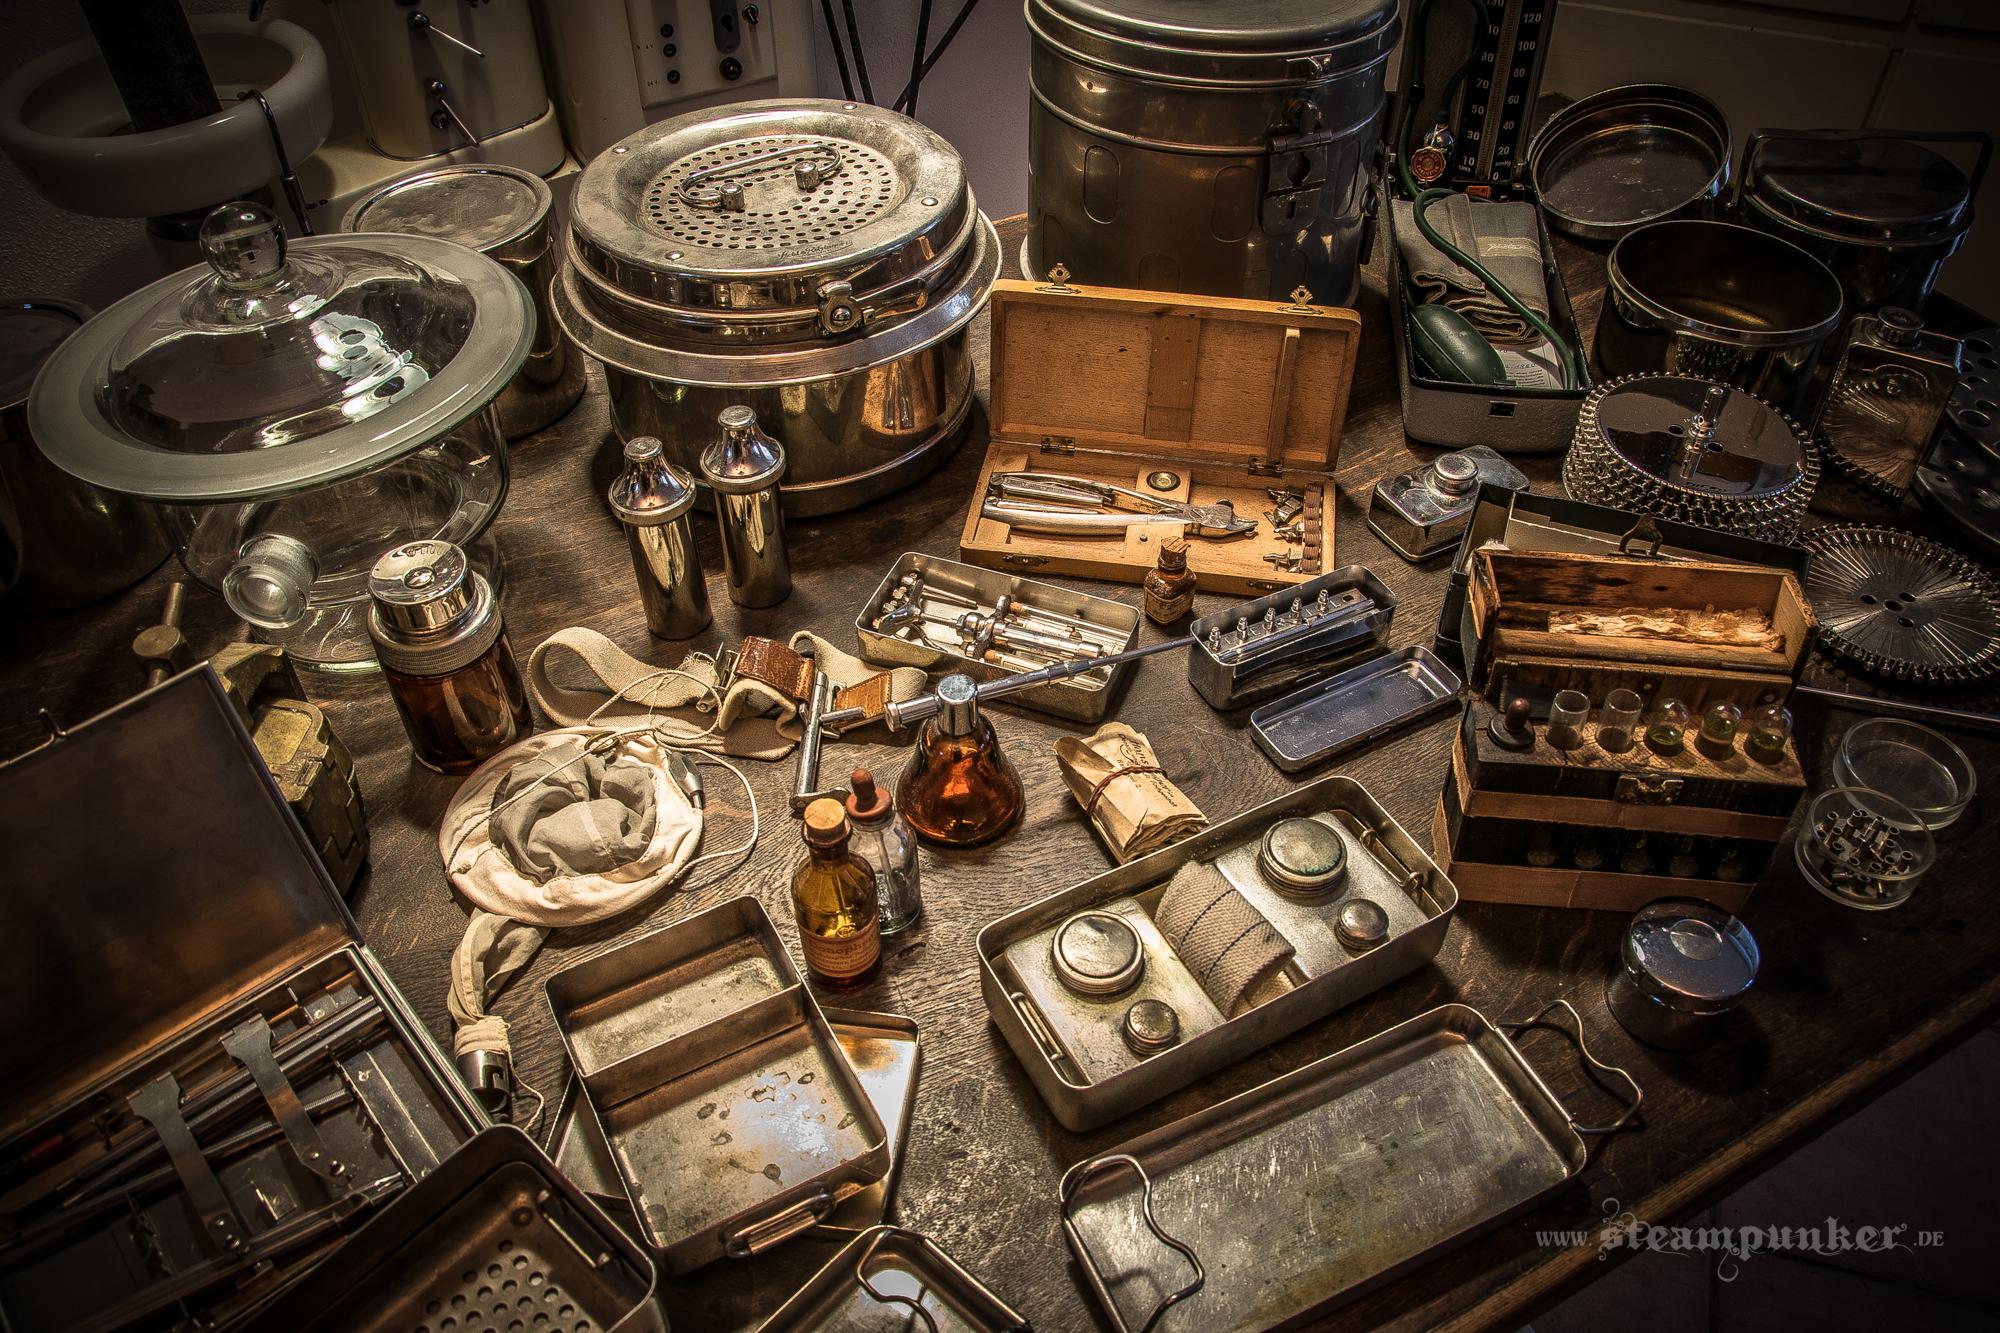 medical eqipment